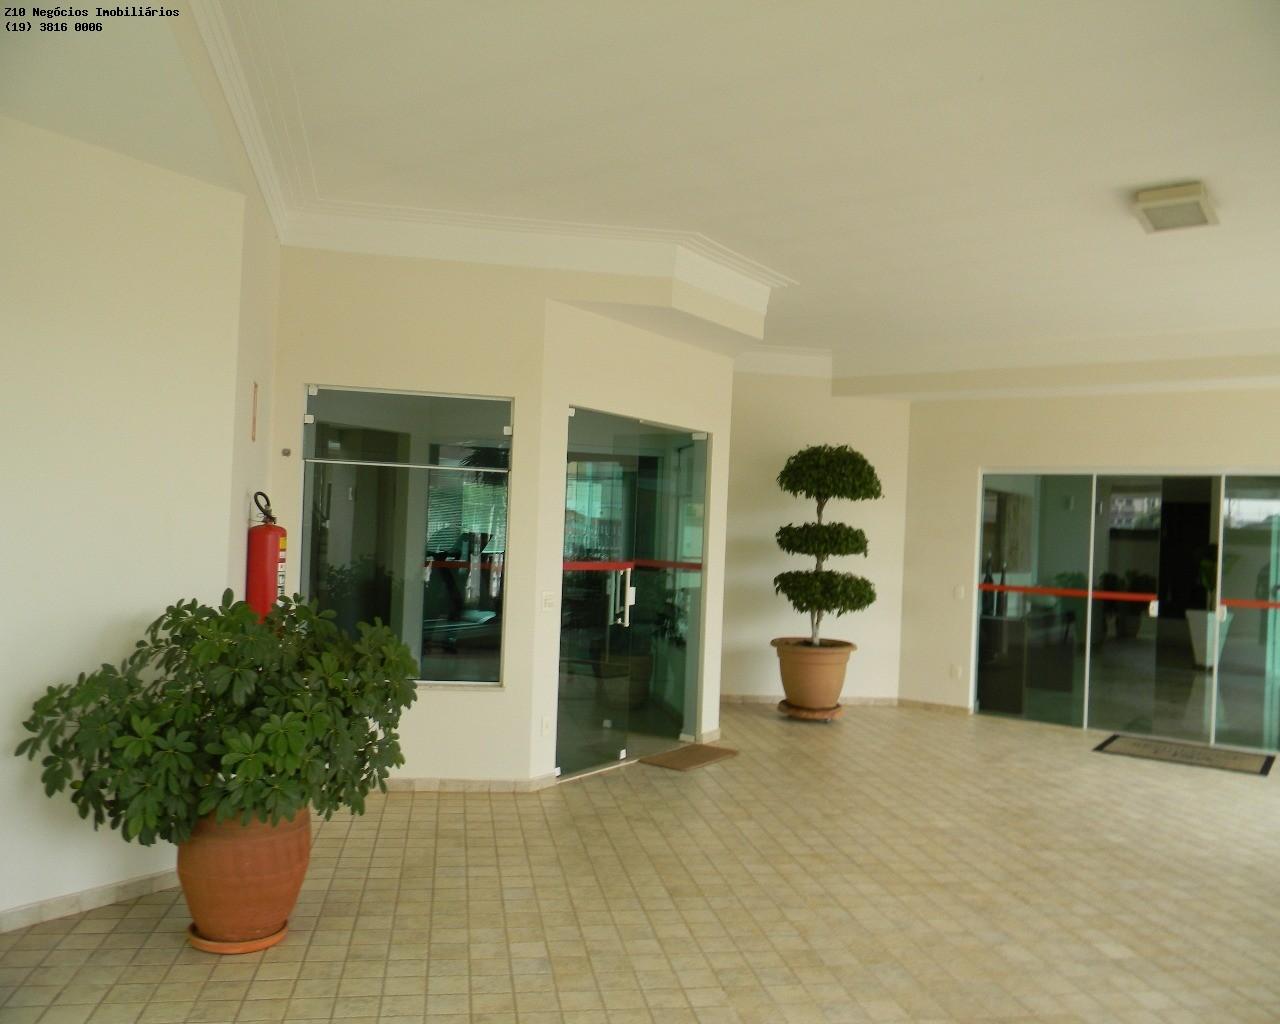 Hall entrada do edificio